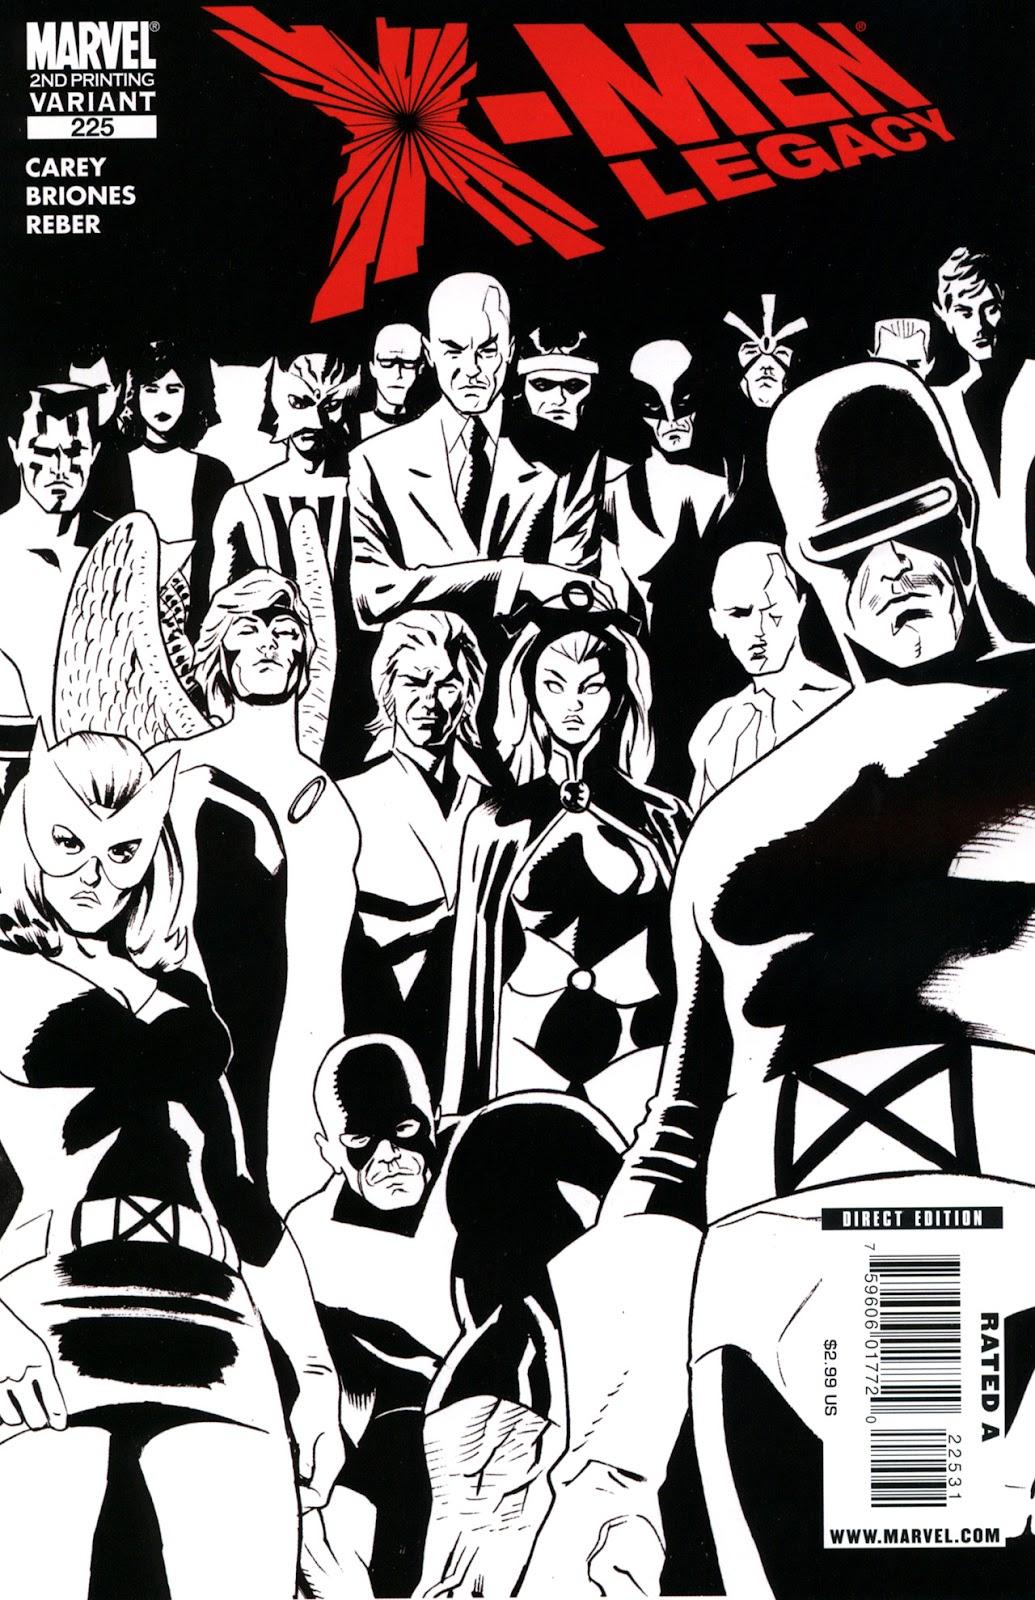 X-Men Legacy (2008) 225 Page 1